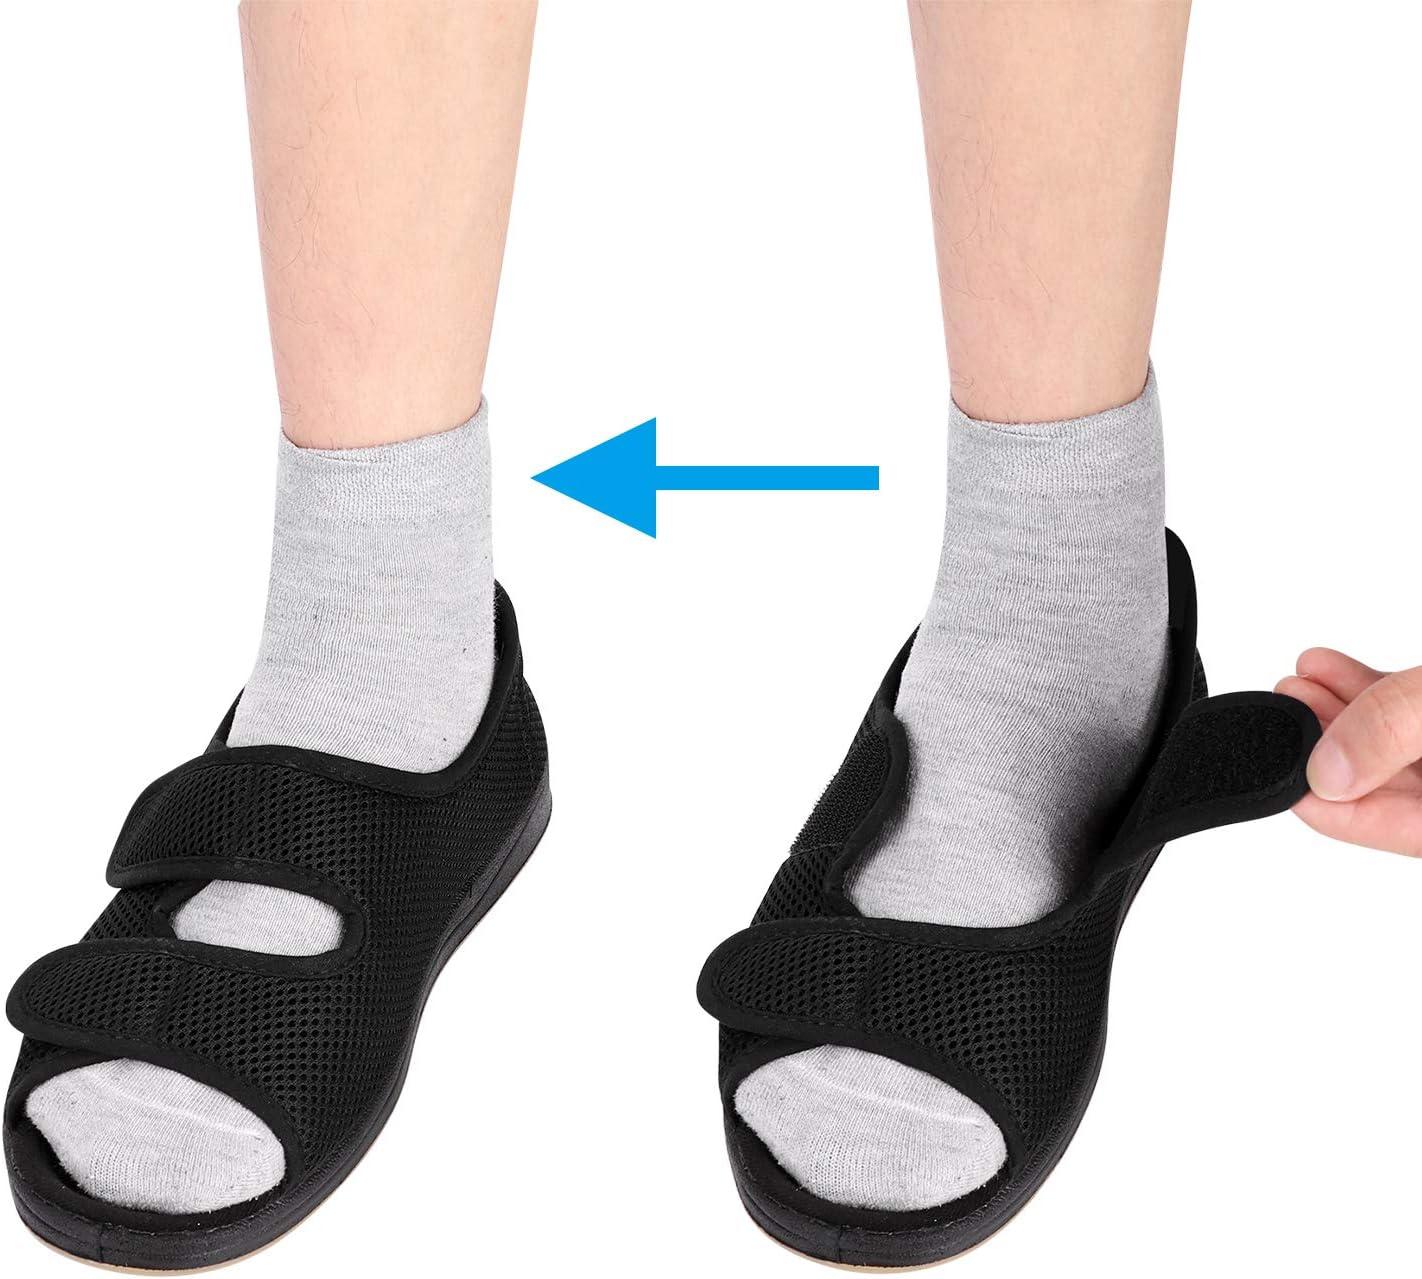 ITODA - Zapatos para diabéticos ortopédicos de viscoelástica con Punta Abierta, Ajustable, Antideslizantes, cómodos, para pies hinchados, Artritis Oedema, Noir 2, EU 38.5